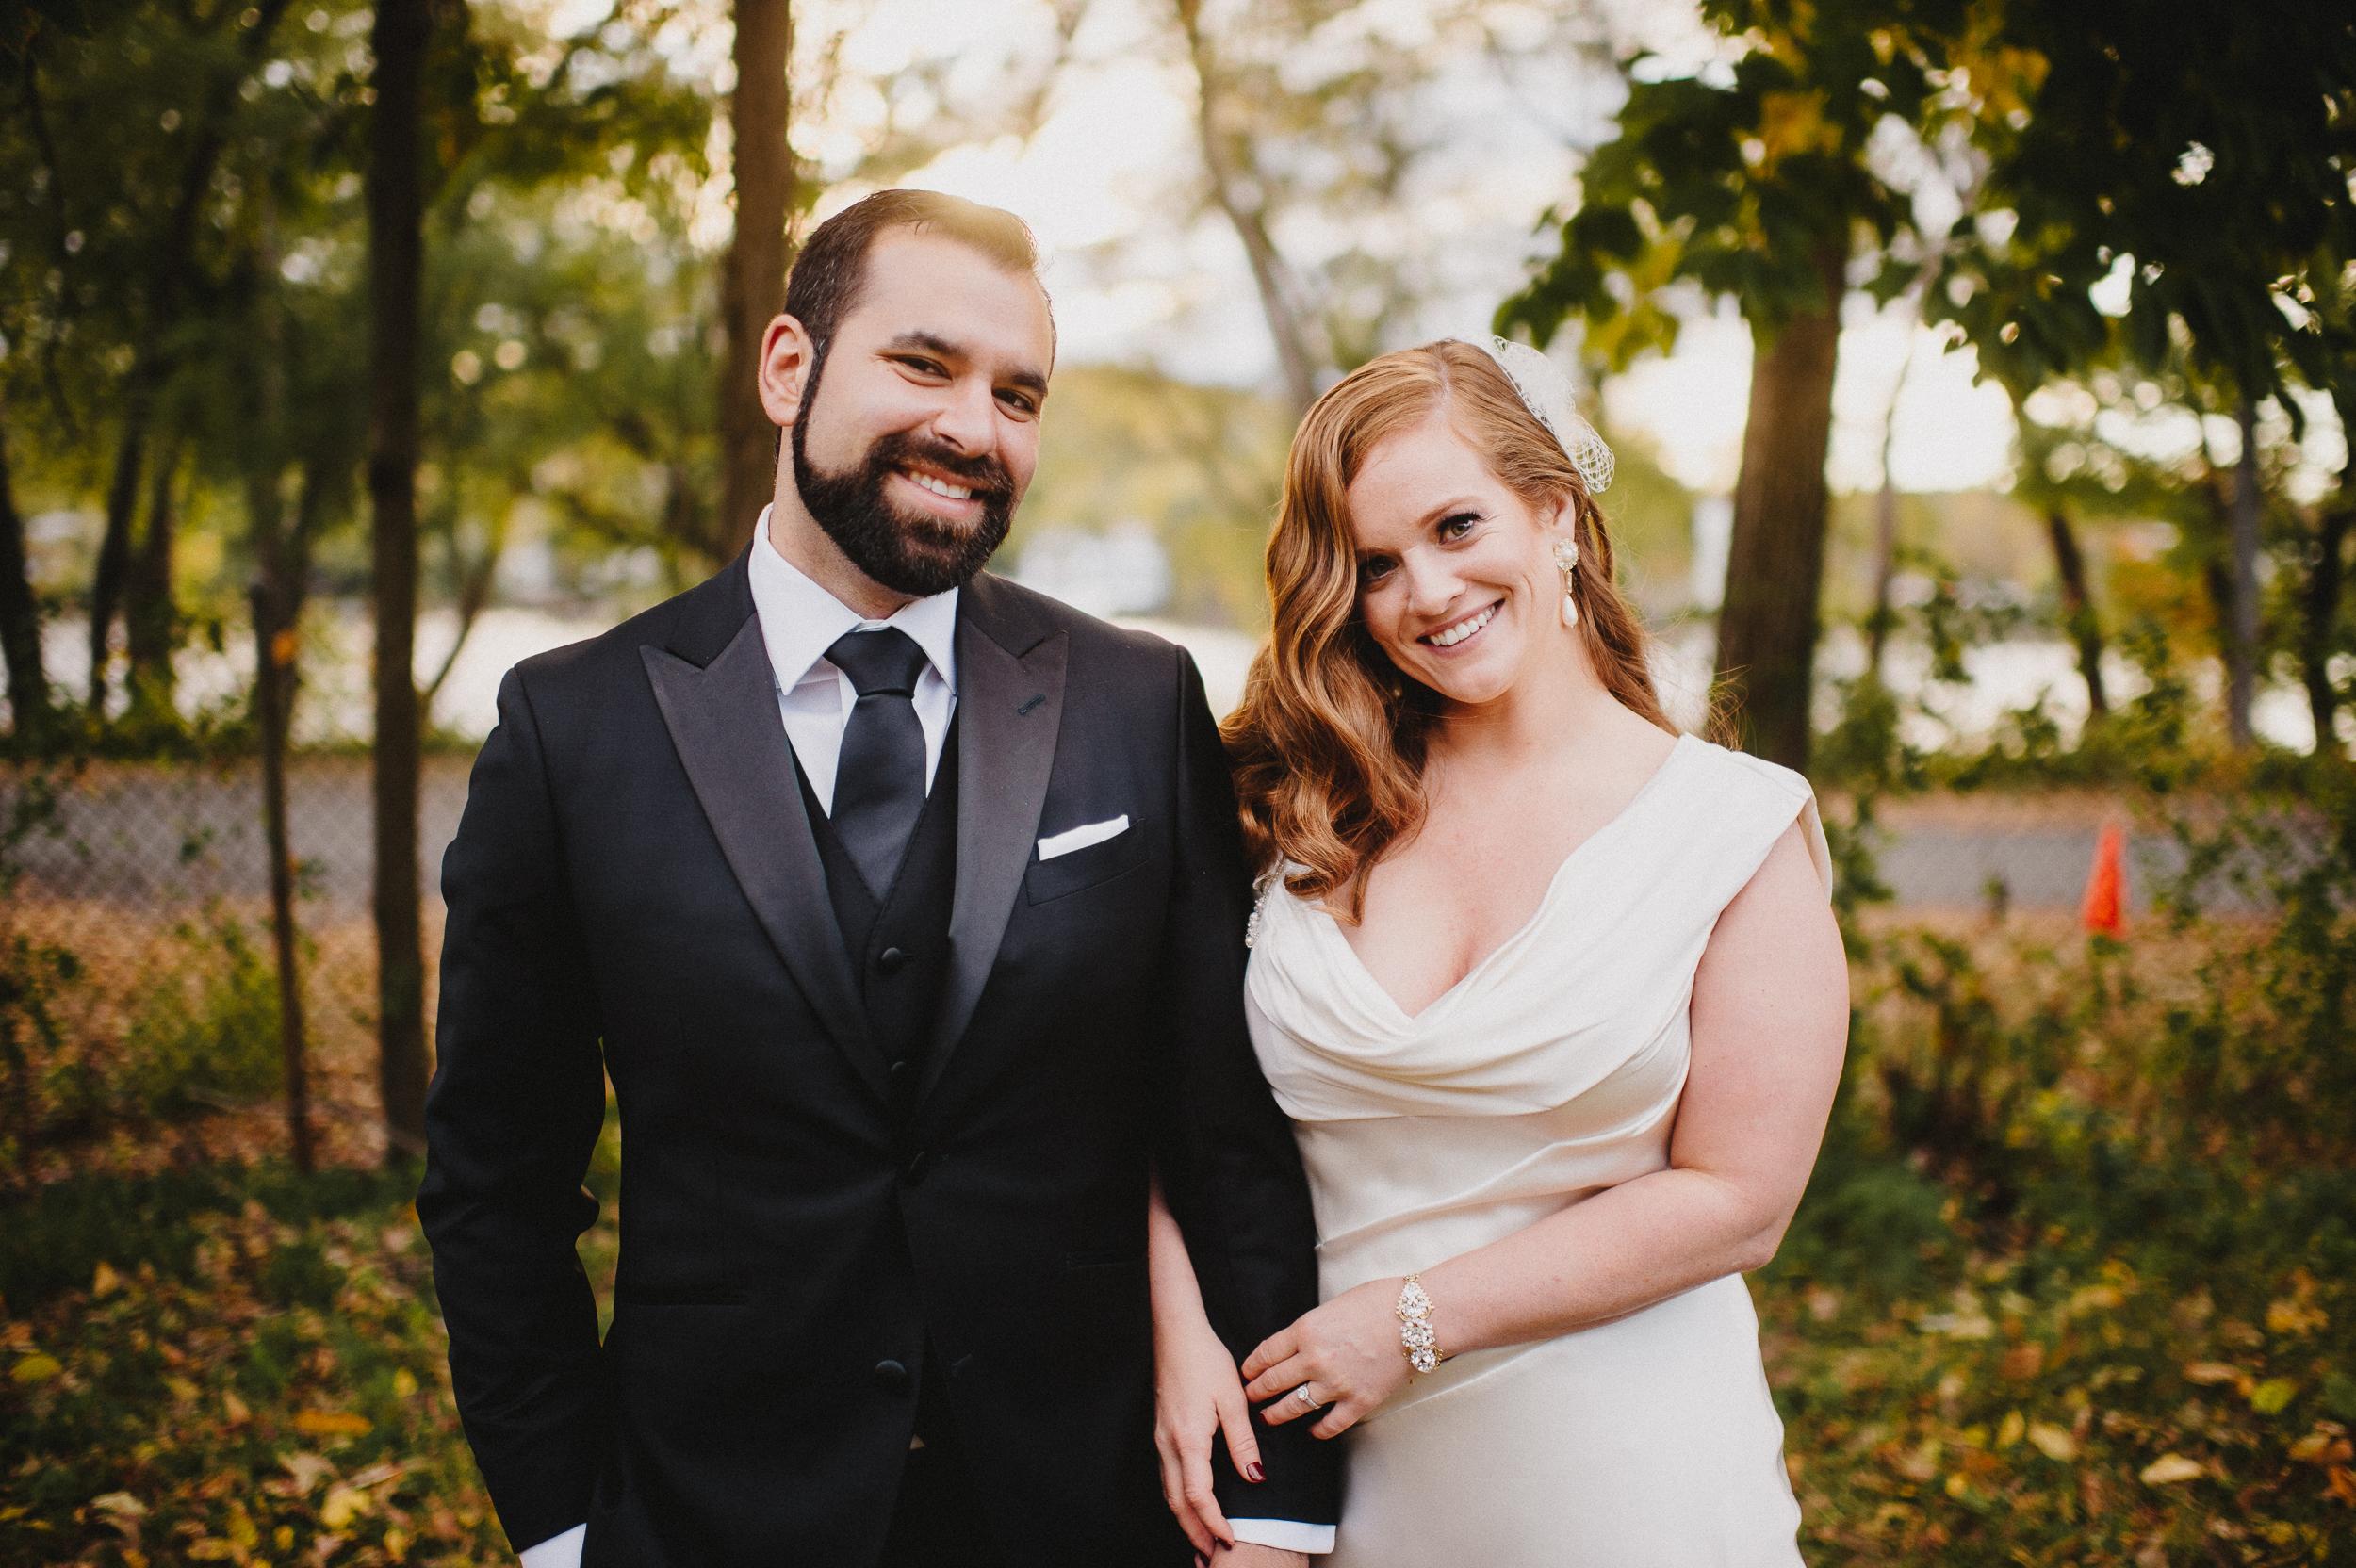 lambertville-station-wedding-photographer-26.jpg